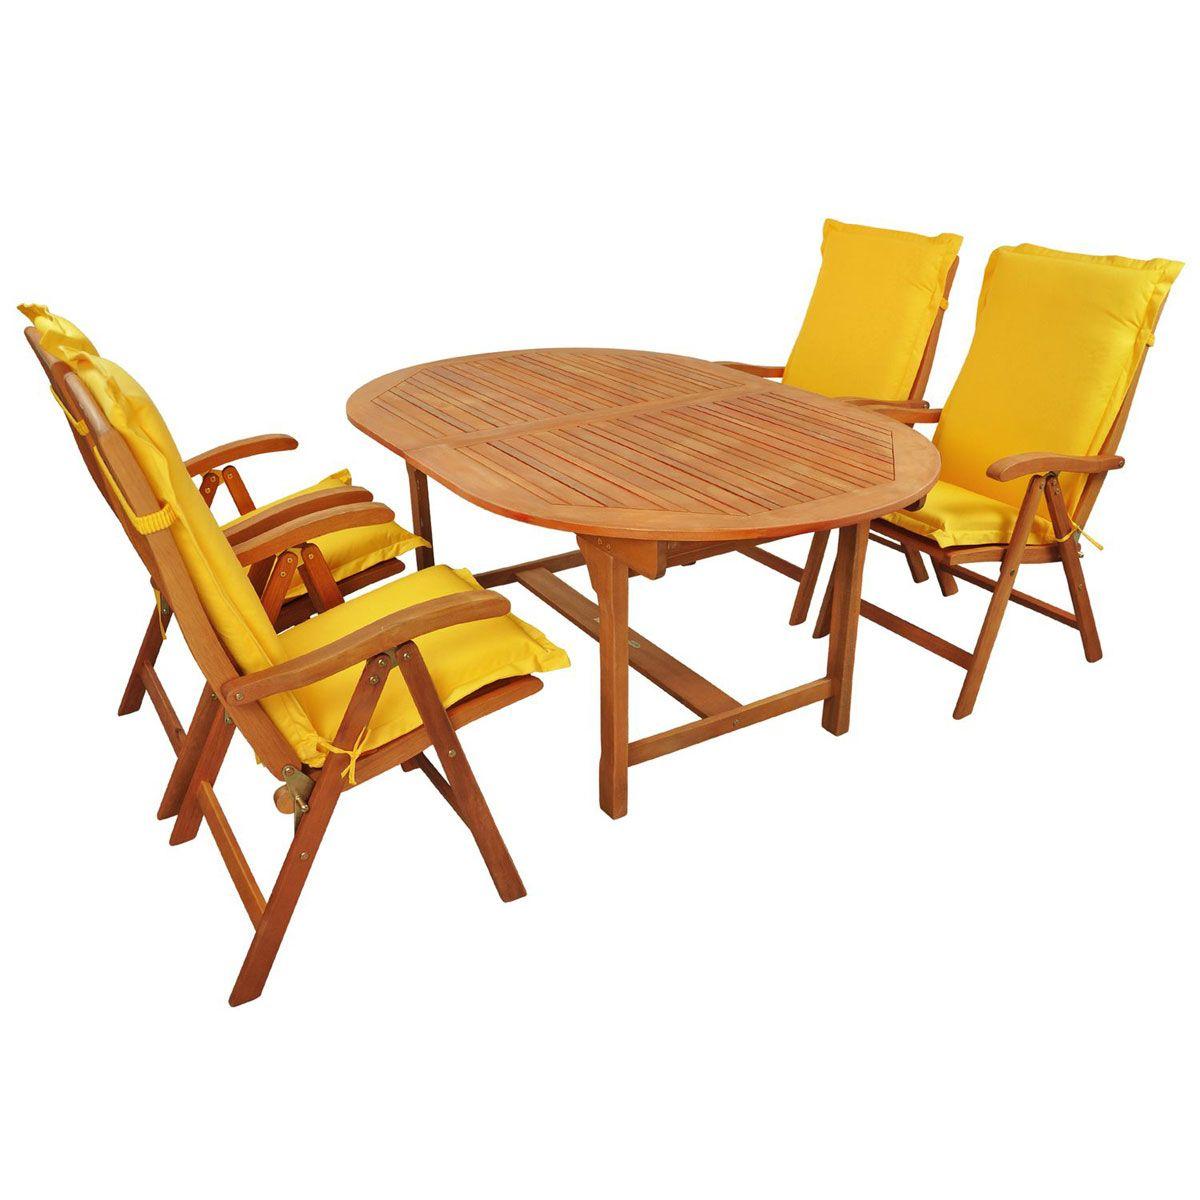 Lassen Sie Die Sonne Dem Indoba Gartenmobel Set Sun Flair Ihren Garten Oder Auf Ihre Terrasse Gartenmobel Set Sun F Gartenmobel Sets Gartenzubehor